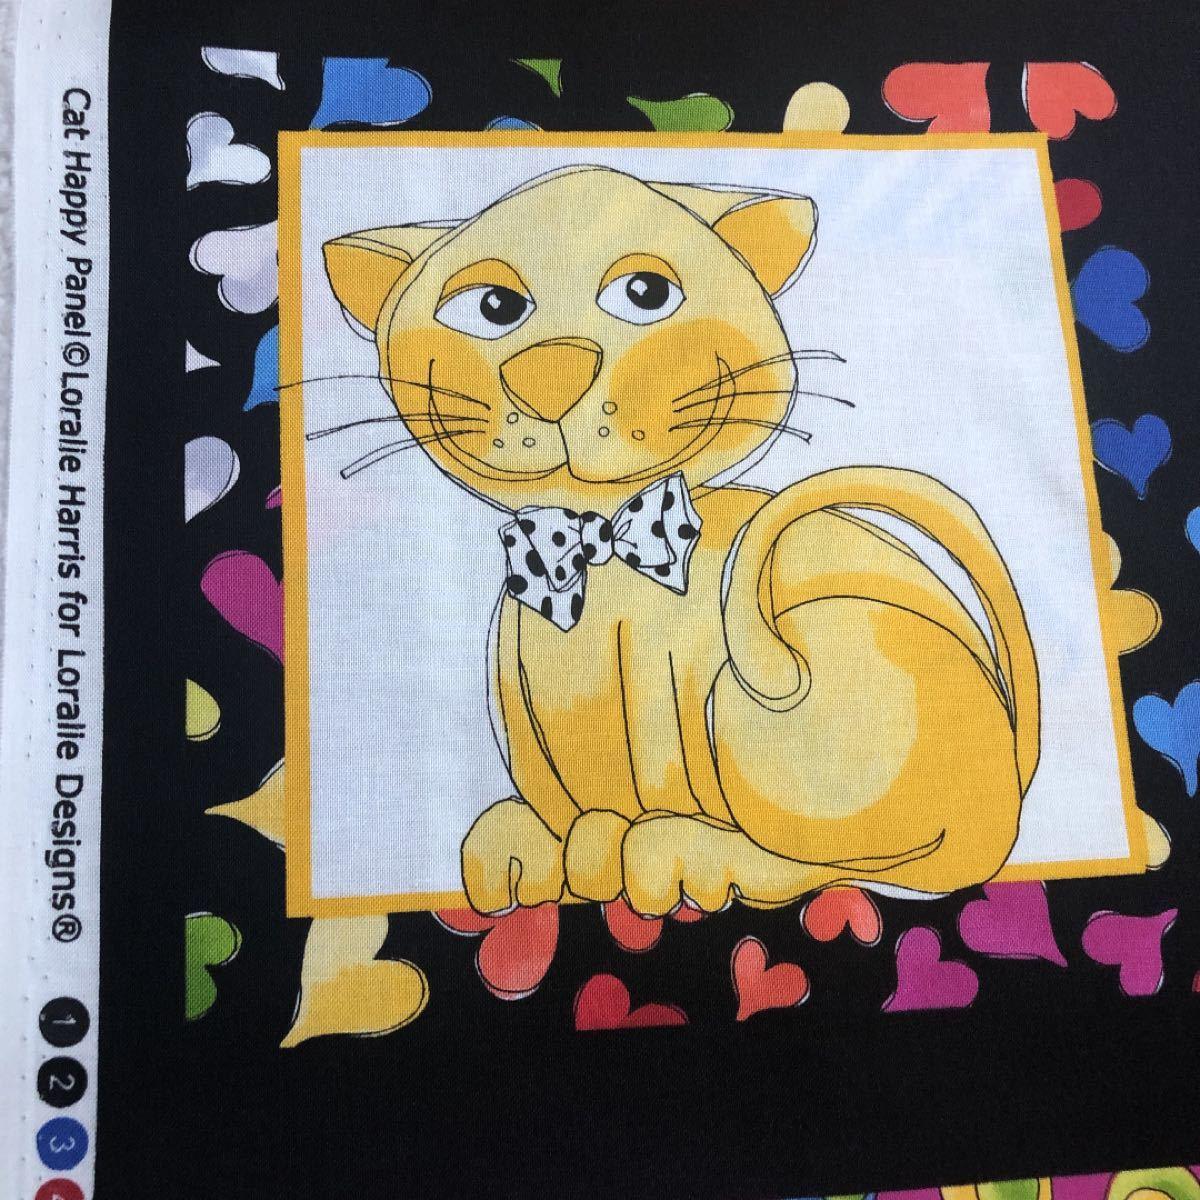 ロラライハリス Cat Happy パネル生地 黒